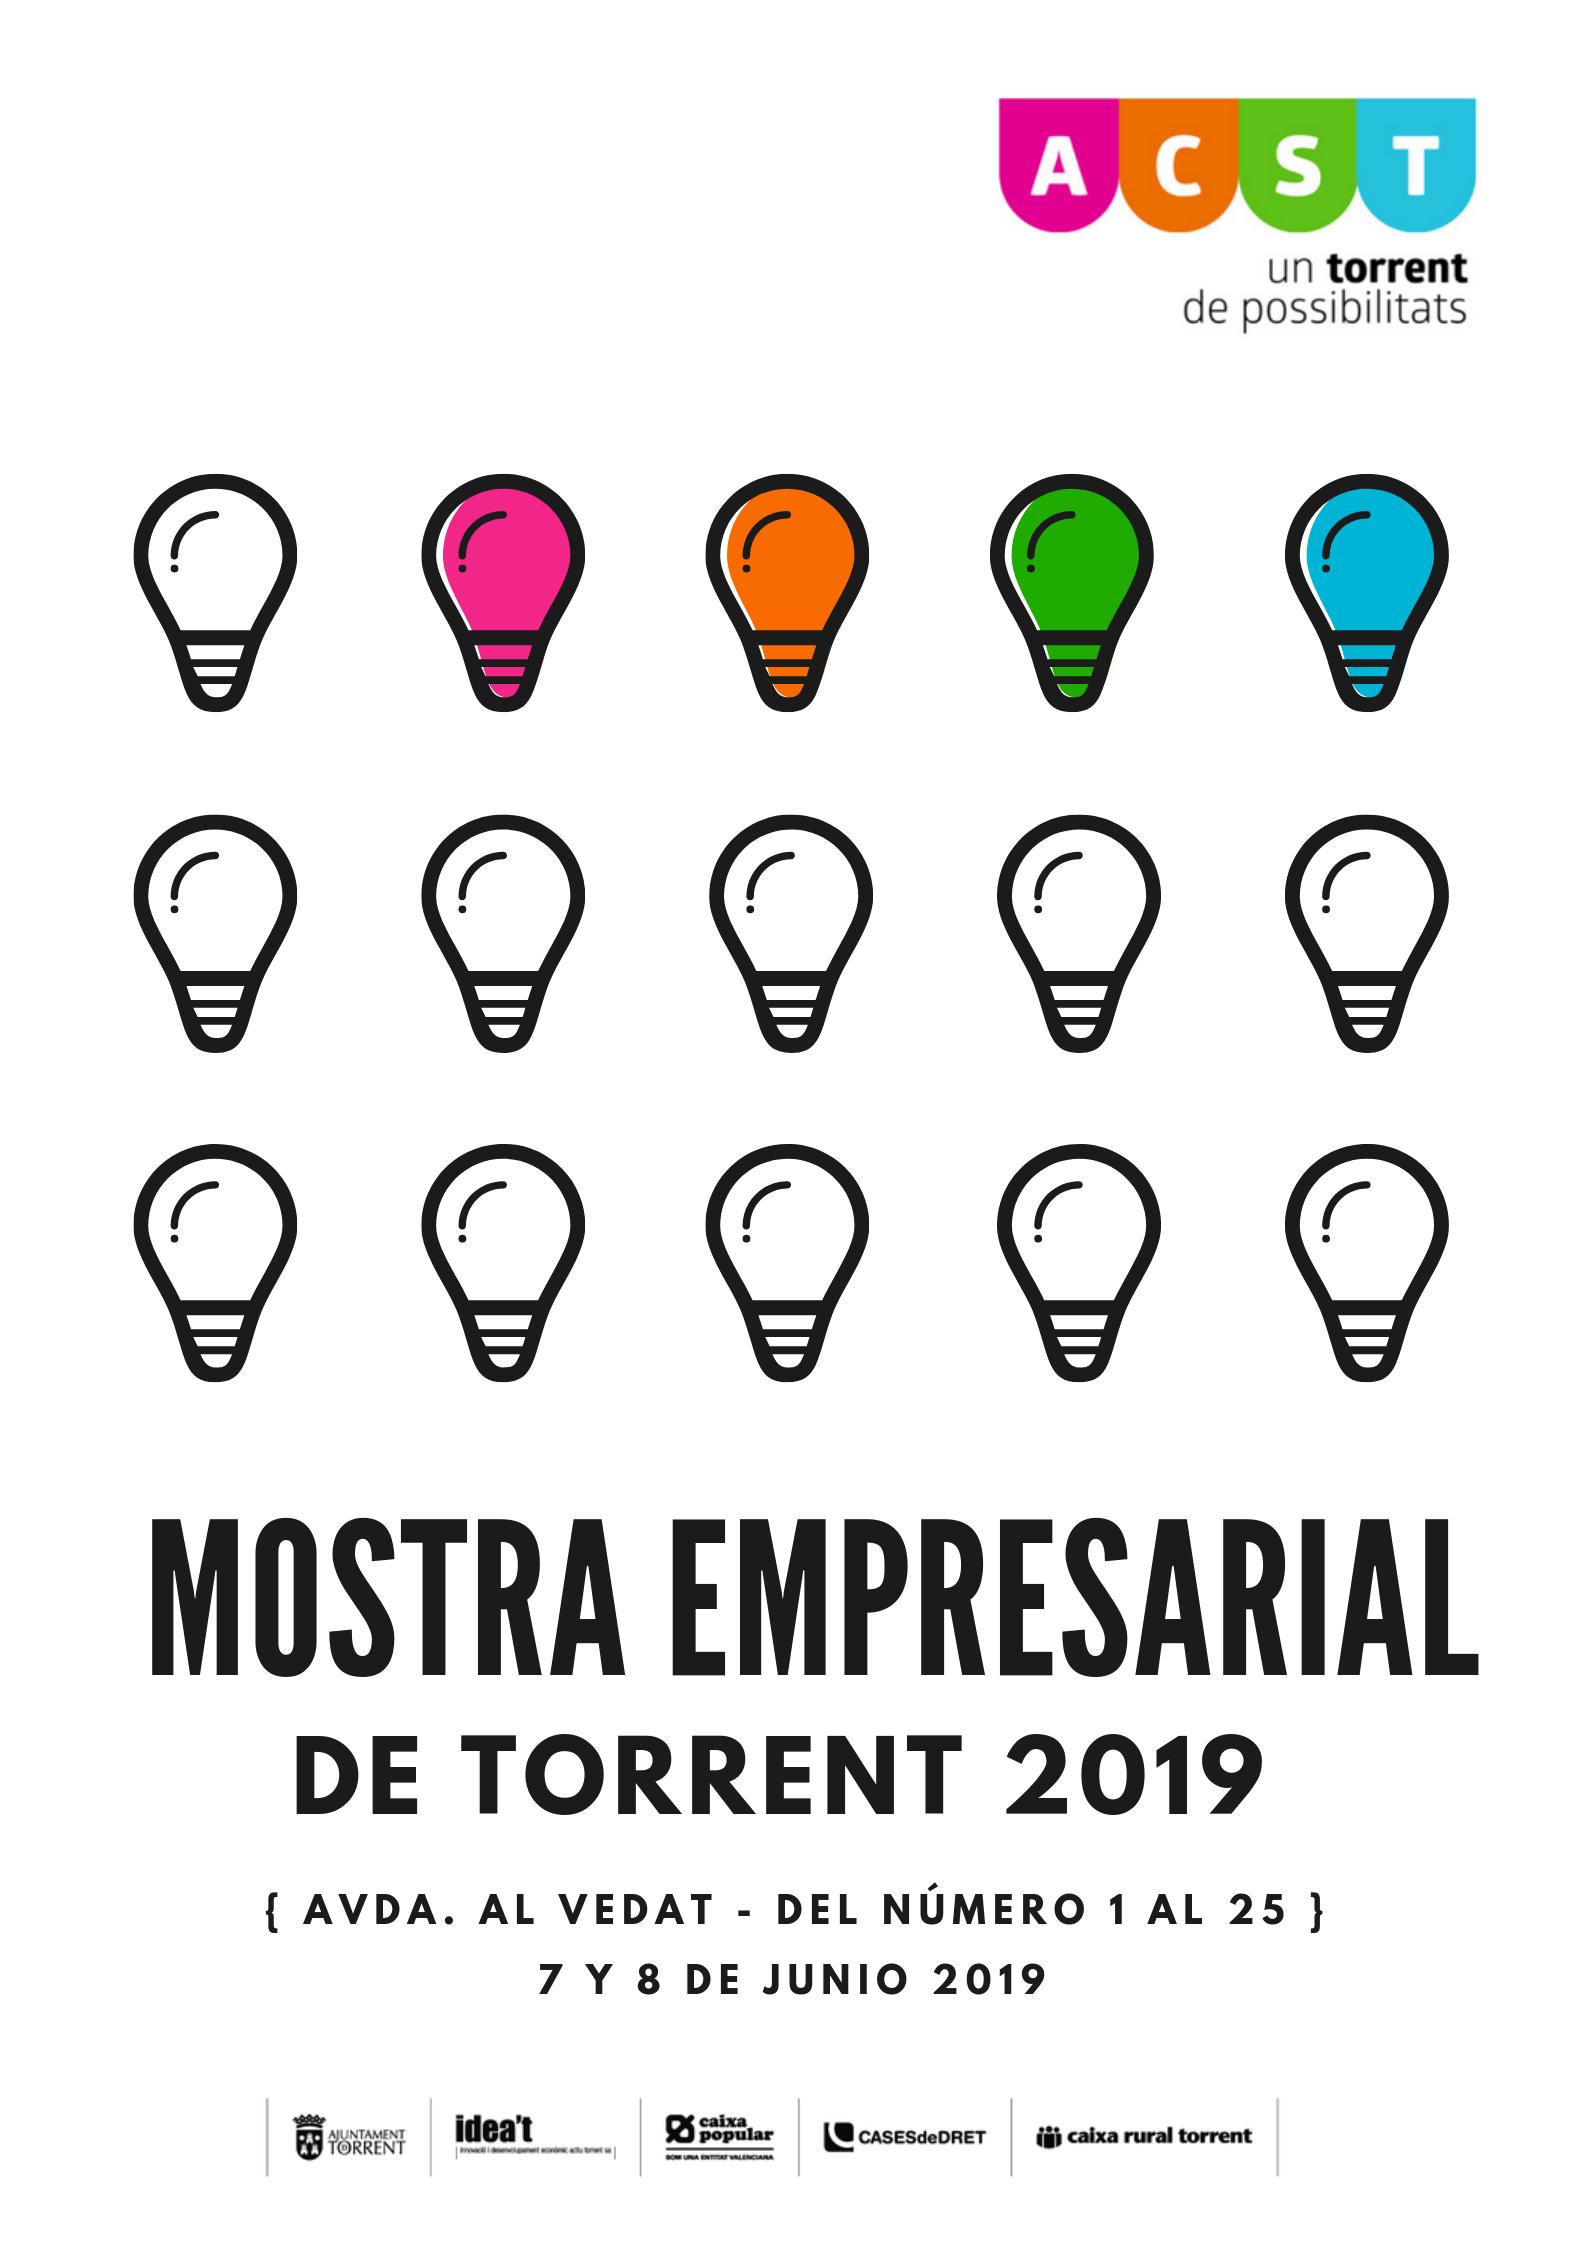 """""""Mostra Empresarial de Torrent 2019"""". Plazos y Condiciones (07 y 08 de Junio) !!!"""